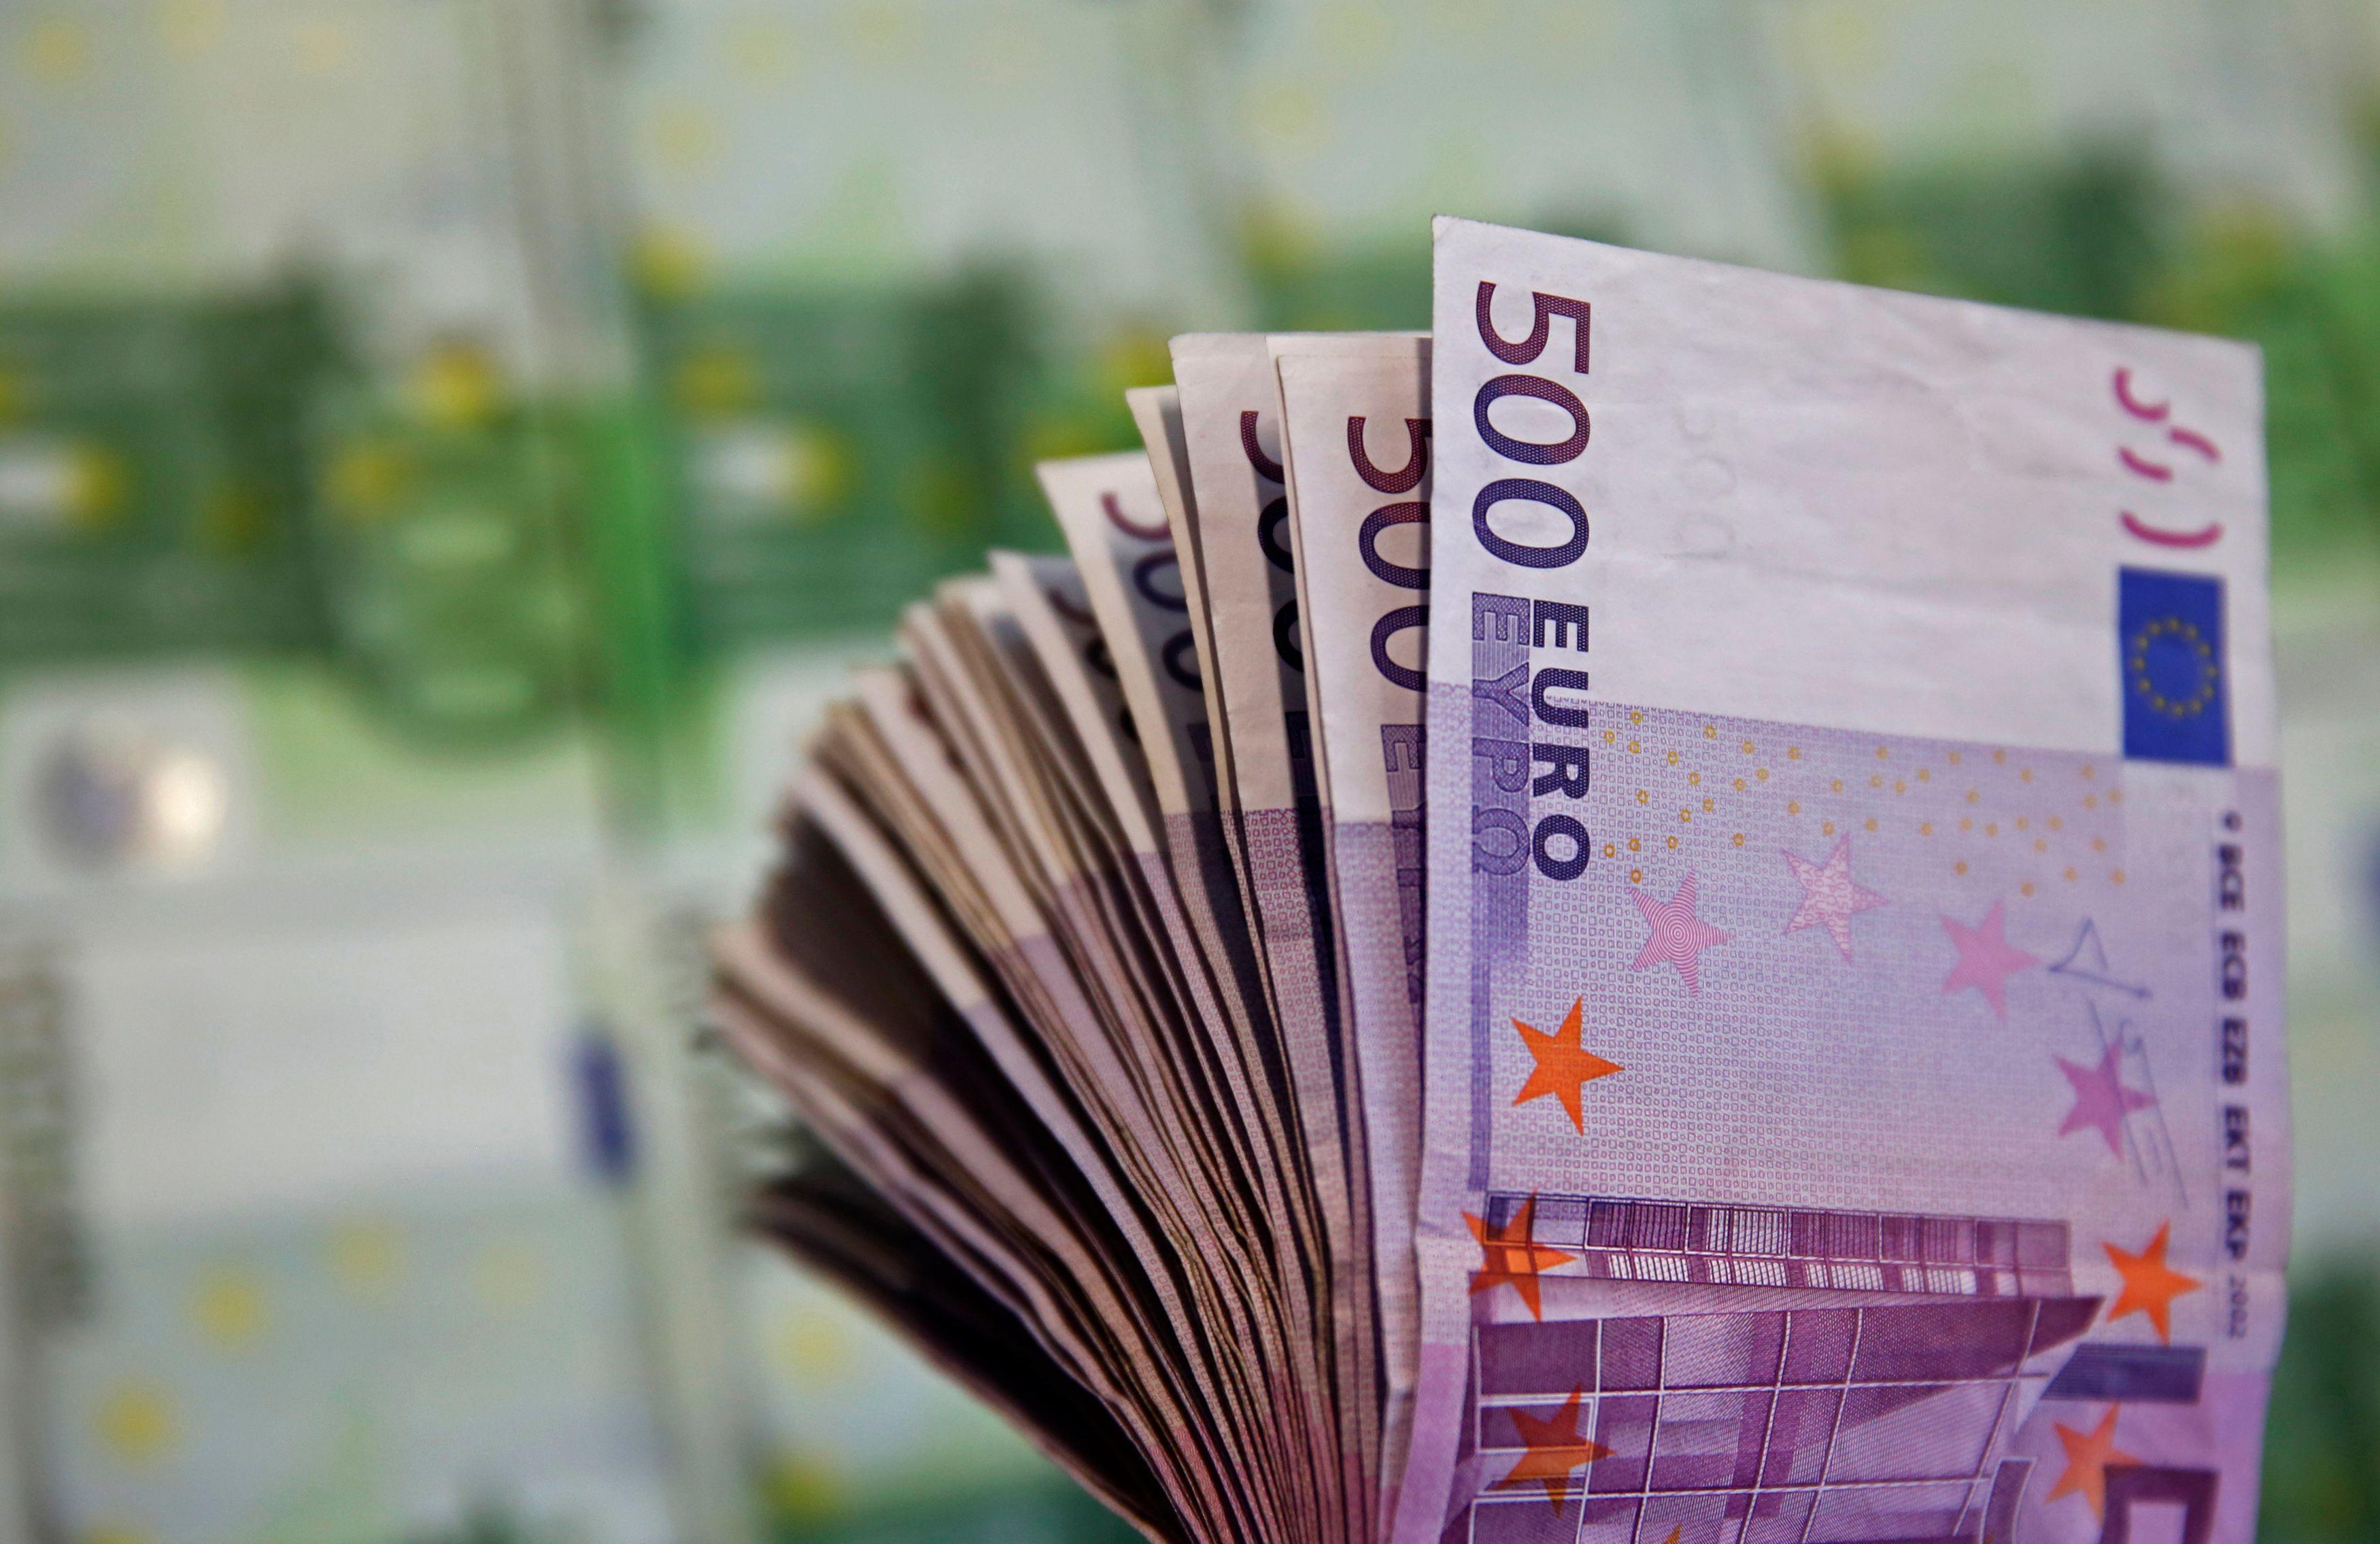 La dette publique française a atteint 98,9% du PIB au premier trimestre, soit une hausse de 2,6 points